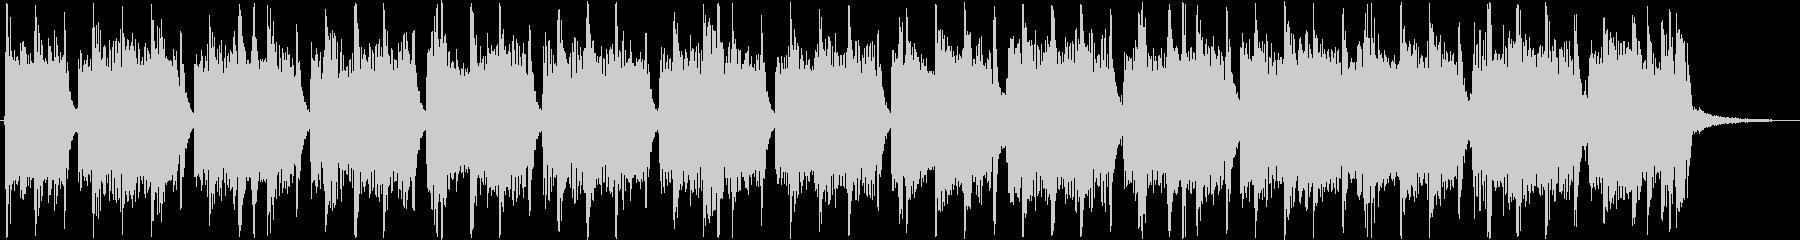 重低音がインパクトあるメロディーの未再生の波形